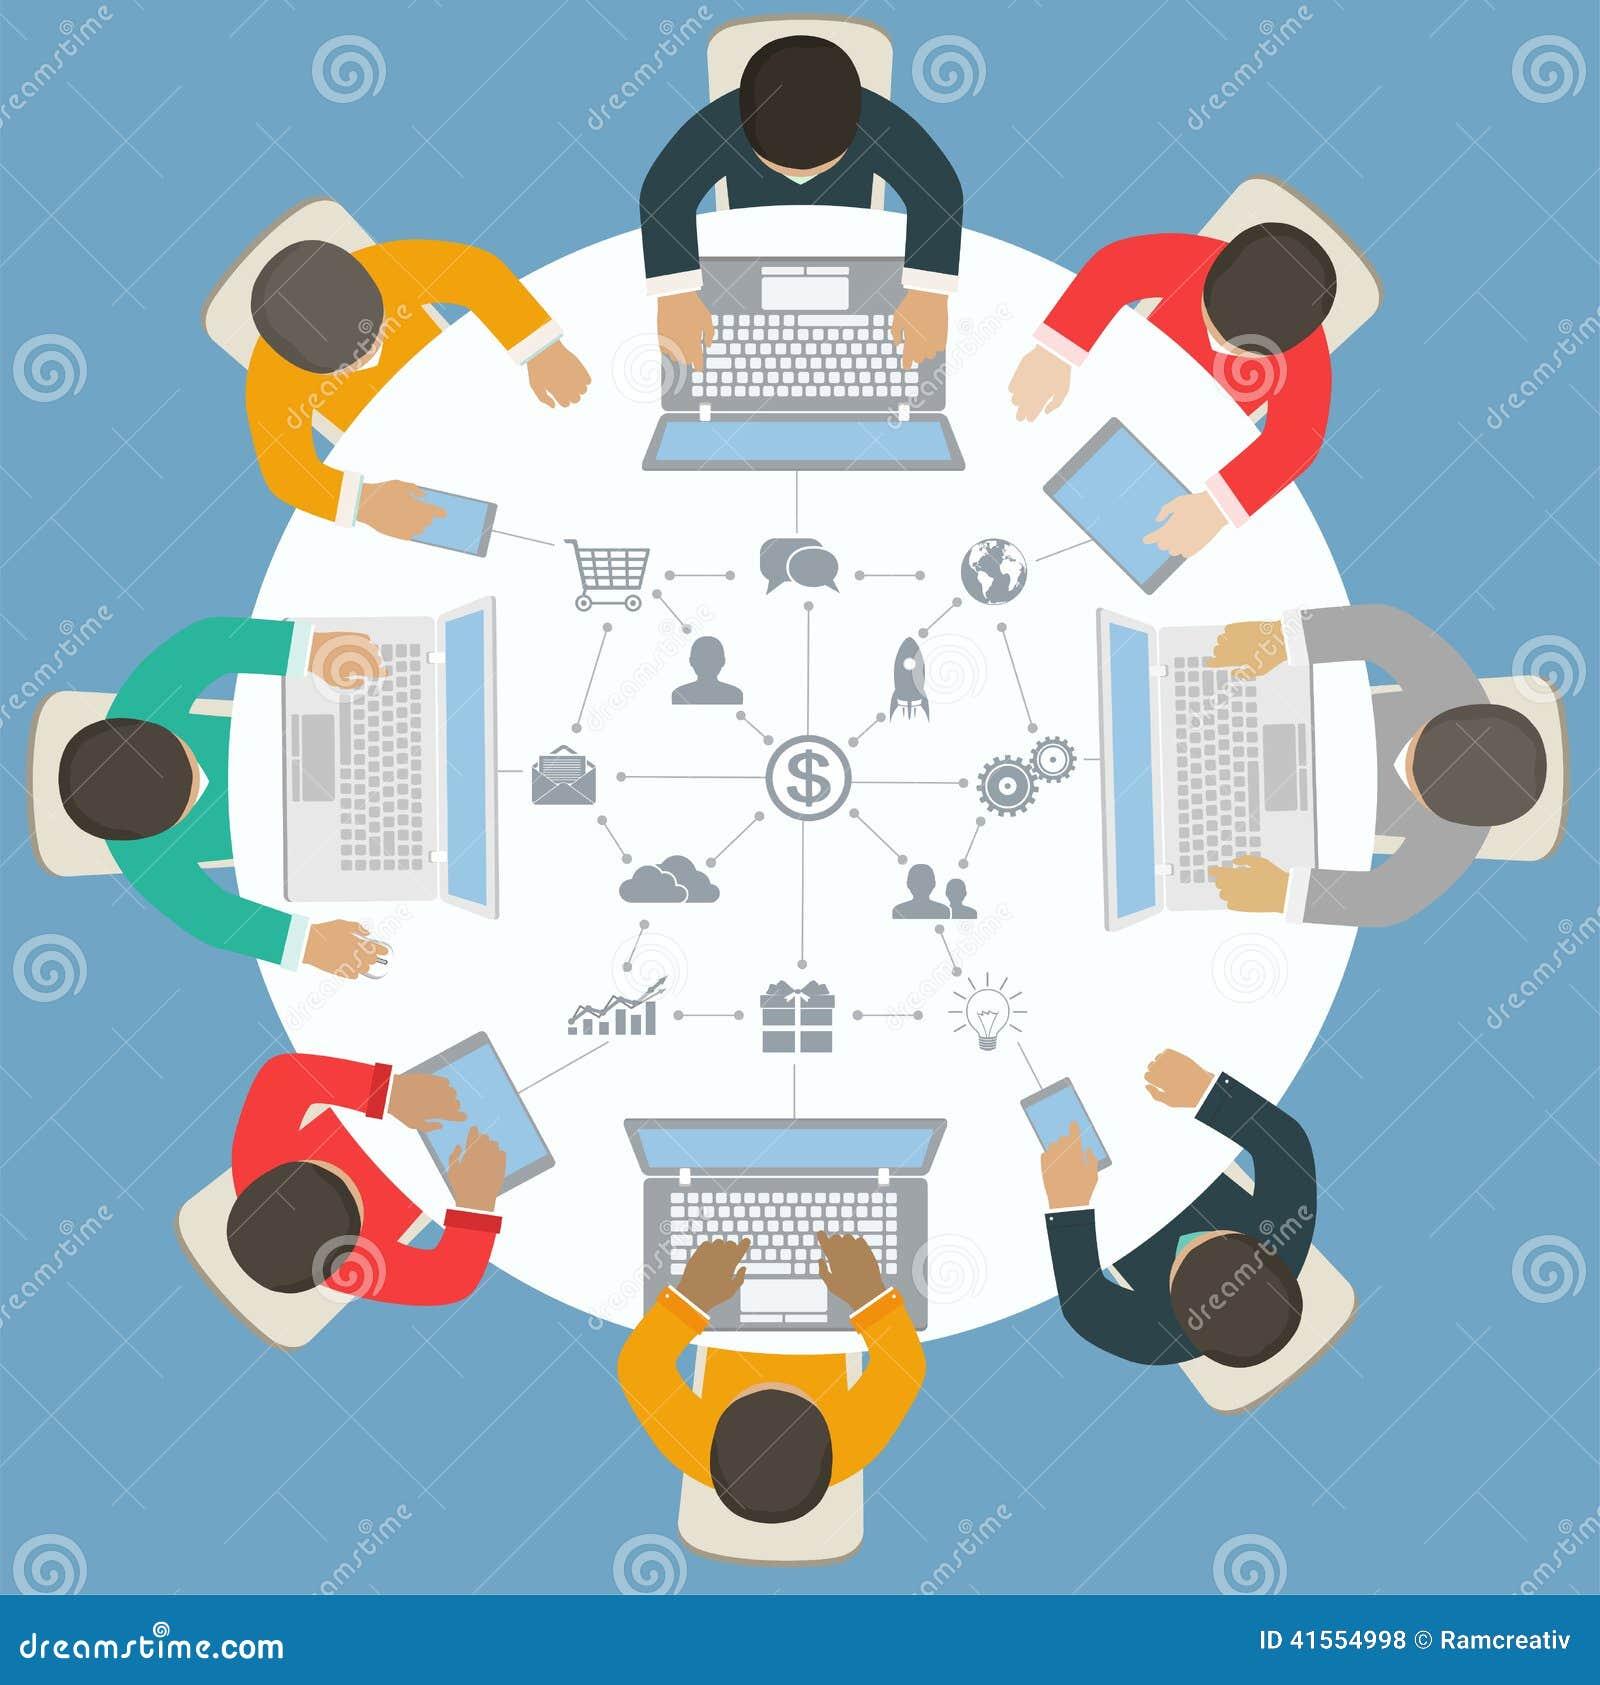 Round table meeting icon - Trabajo En Equipo Para La Mesa Redonda Estrategia